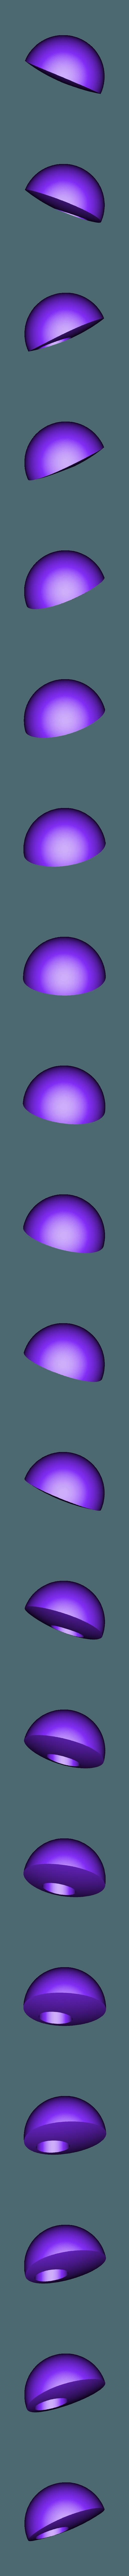 eye Right white.stl Télécharger fichier STL gratuit Chococat (チョコキャット, Chokokyatto) • Objet à imprimer en 3D, Jangie